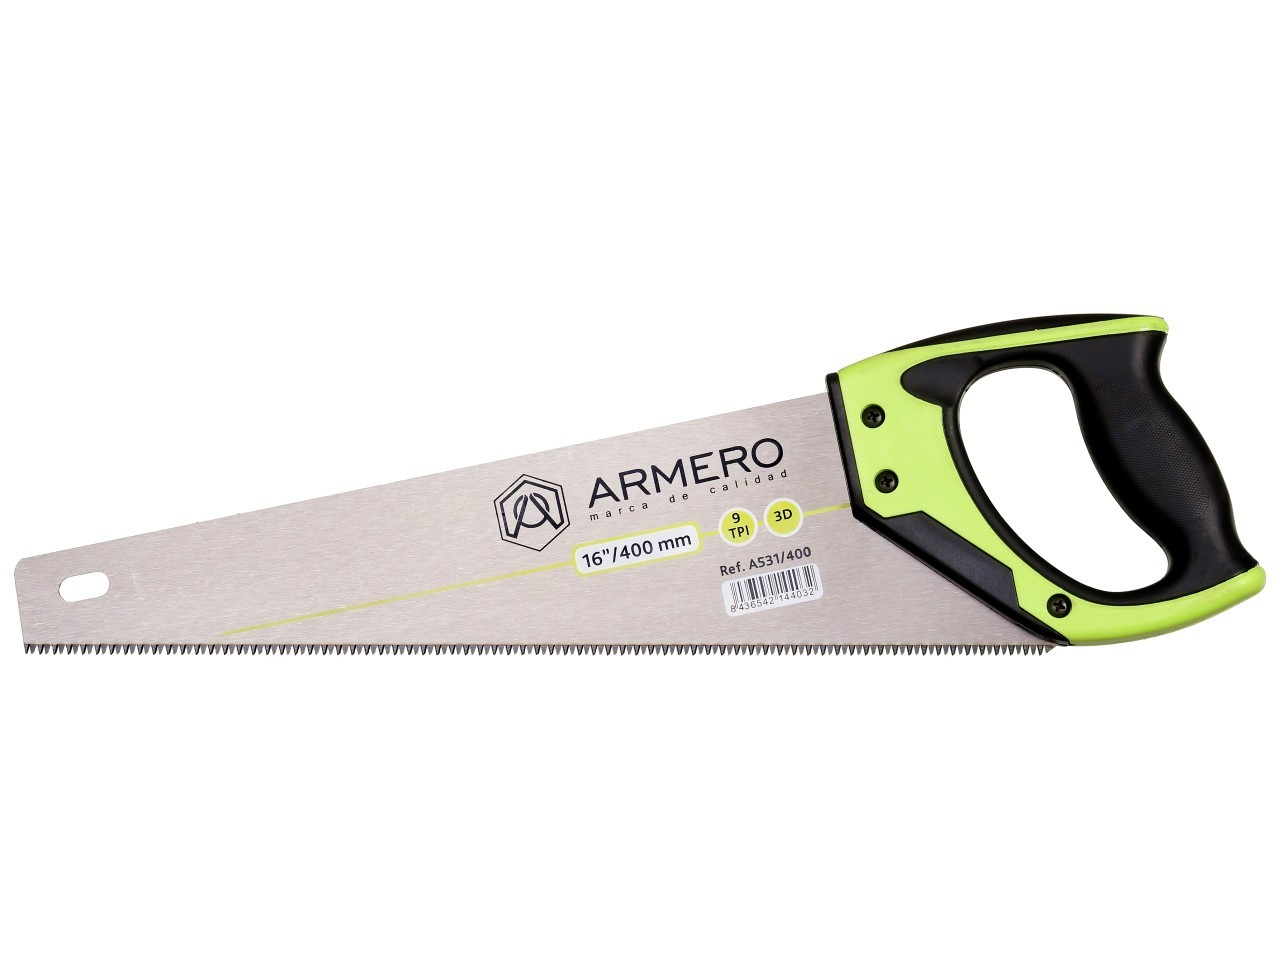 Ножовка по дереву A531/400, 400мм, 3d, средний зуб